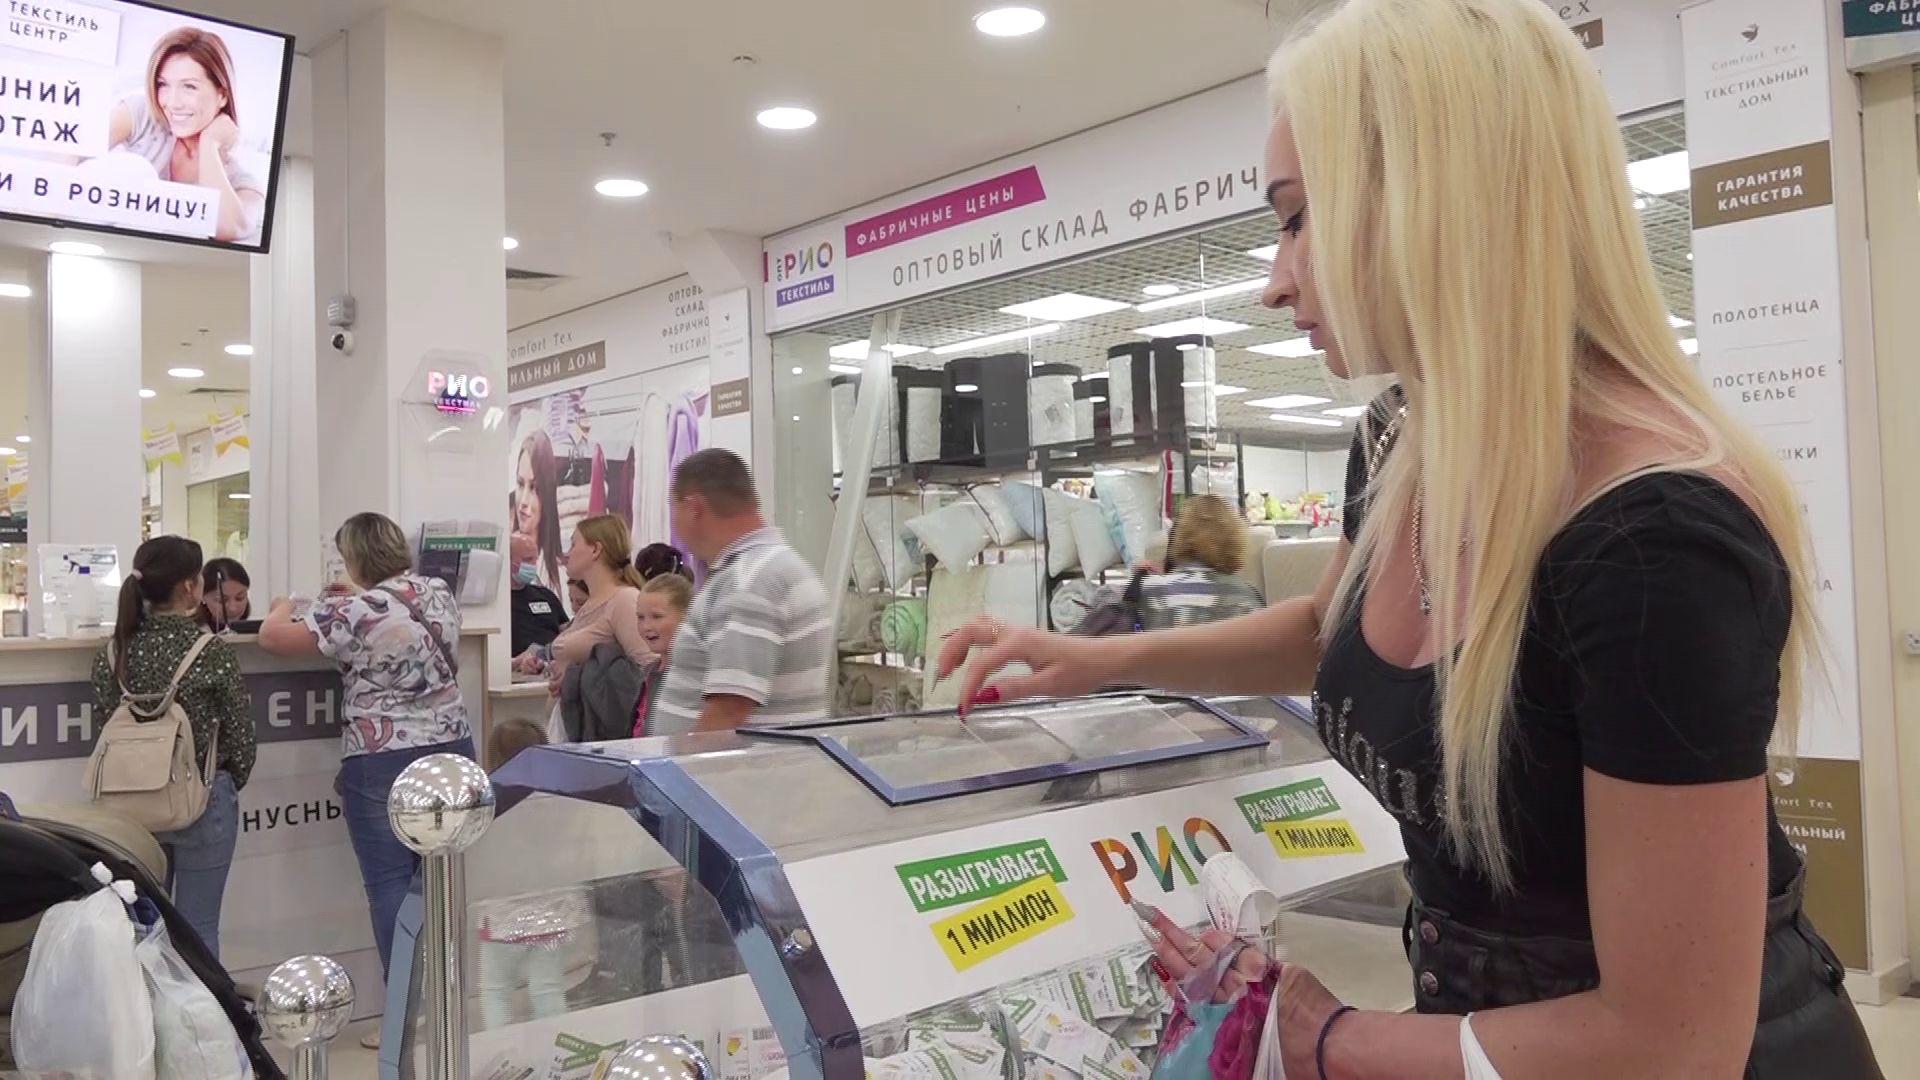 В ТЦ «РИО» на Тутаевском прошел второй этап розыгрыша миллиона рублей